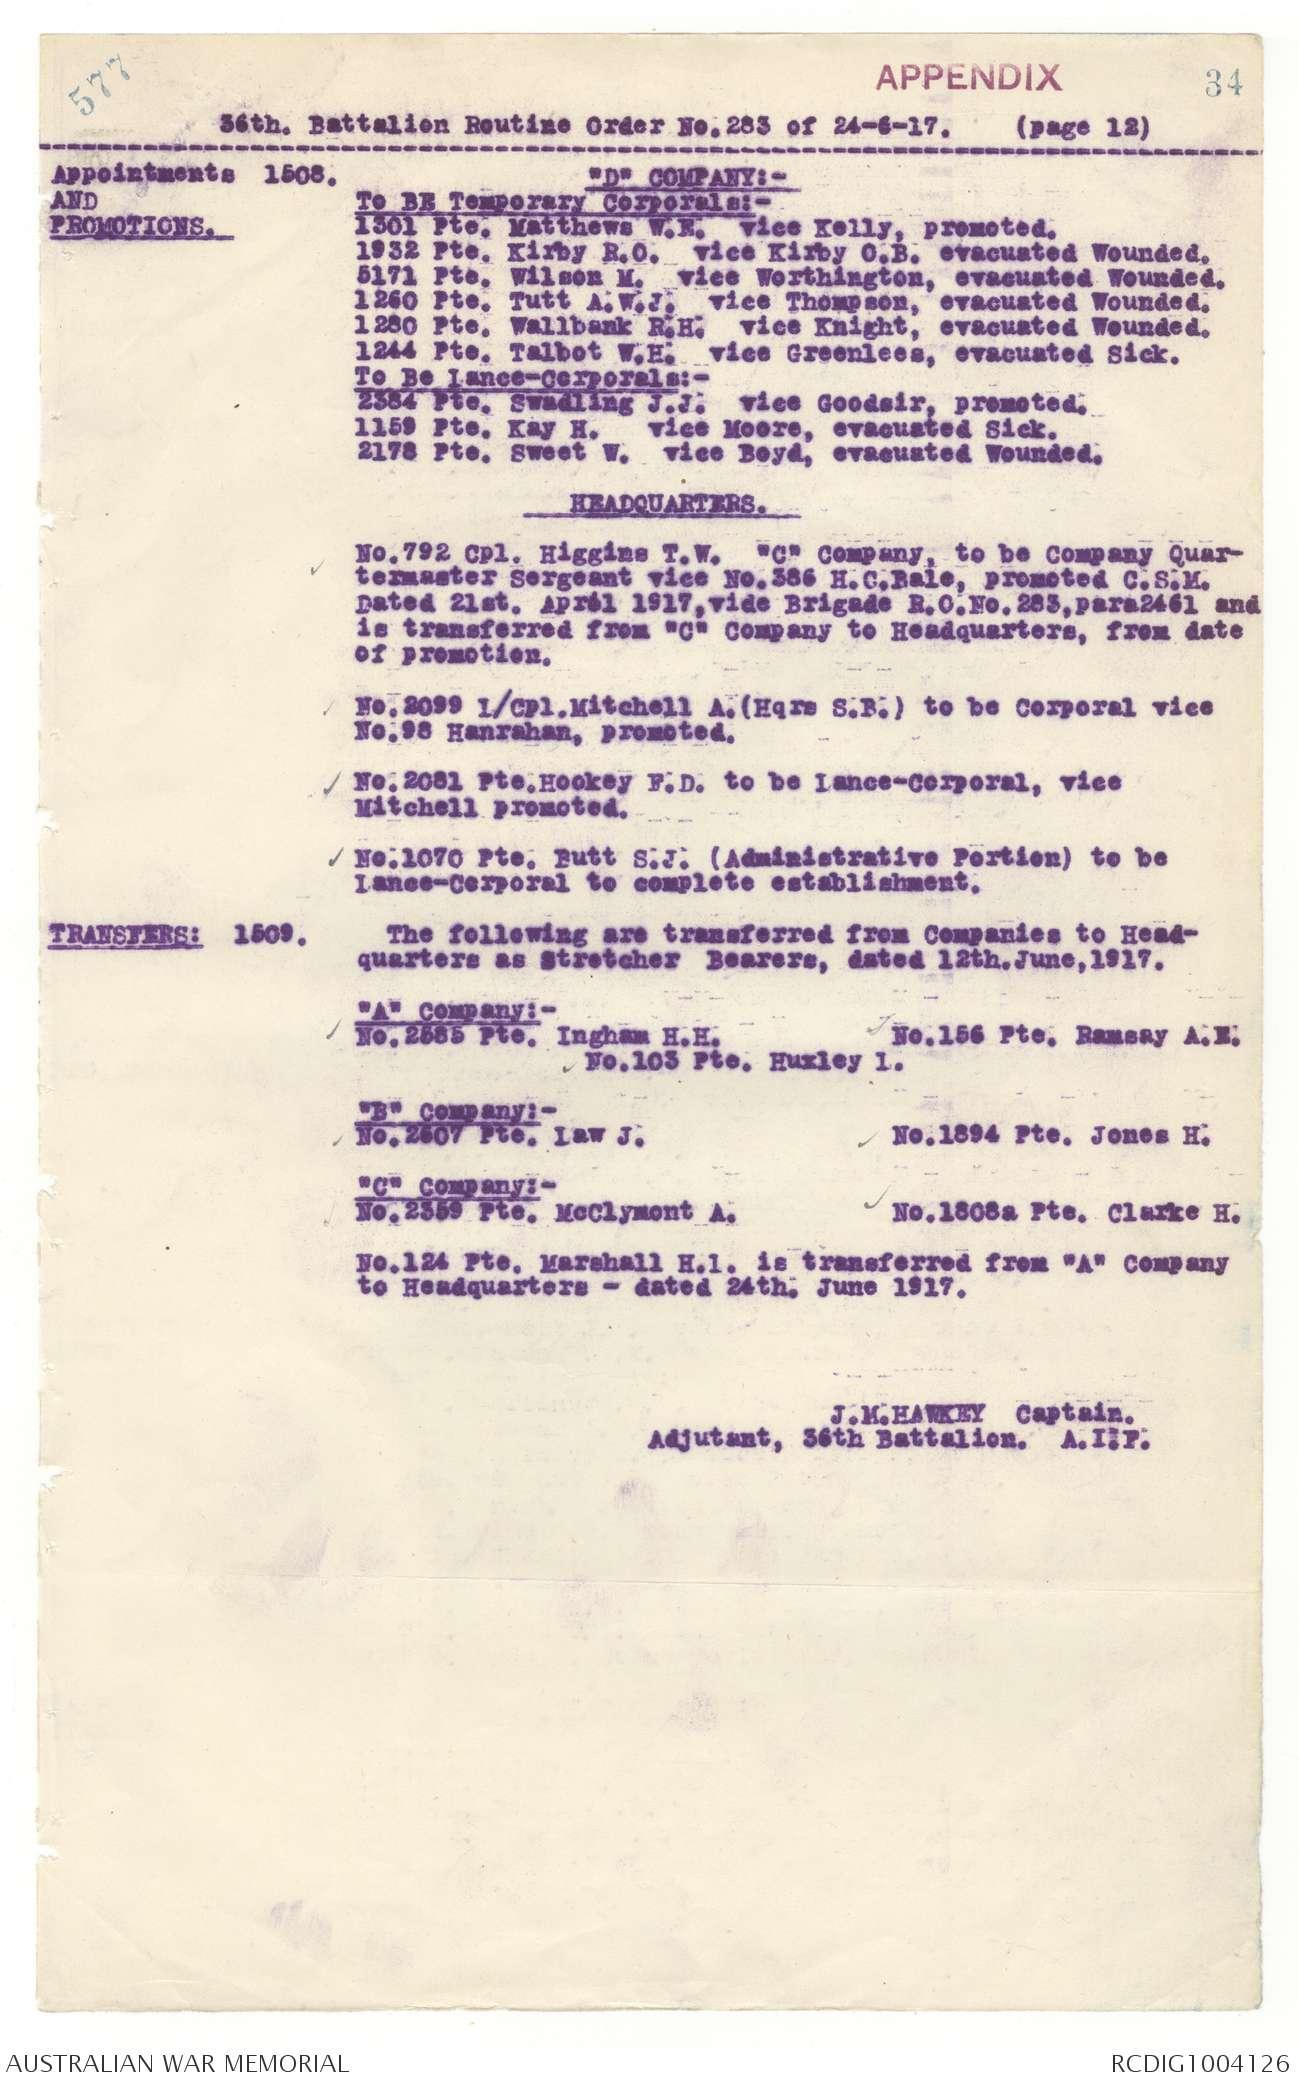 AWM4 23/53/8 - June 1917 | The Australian War Memorial